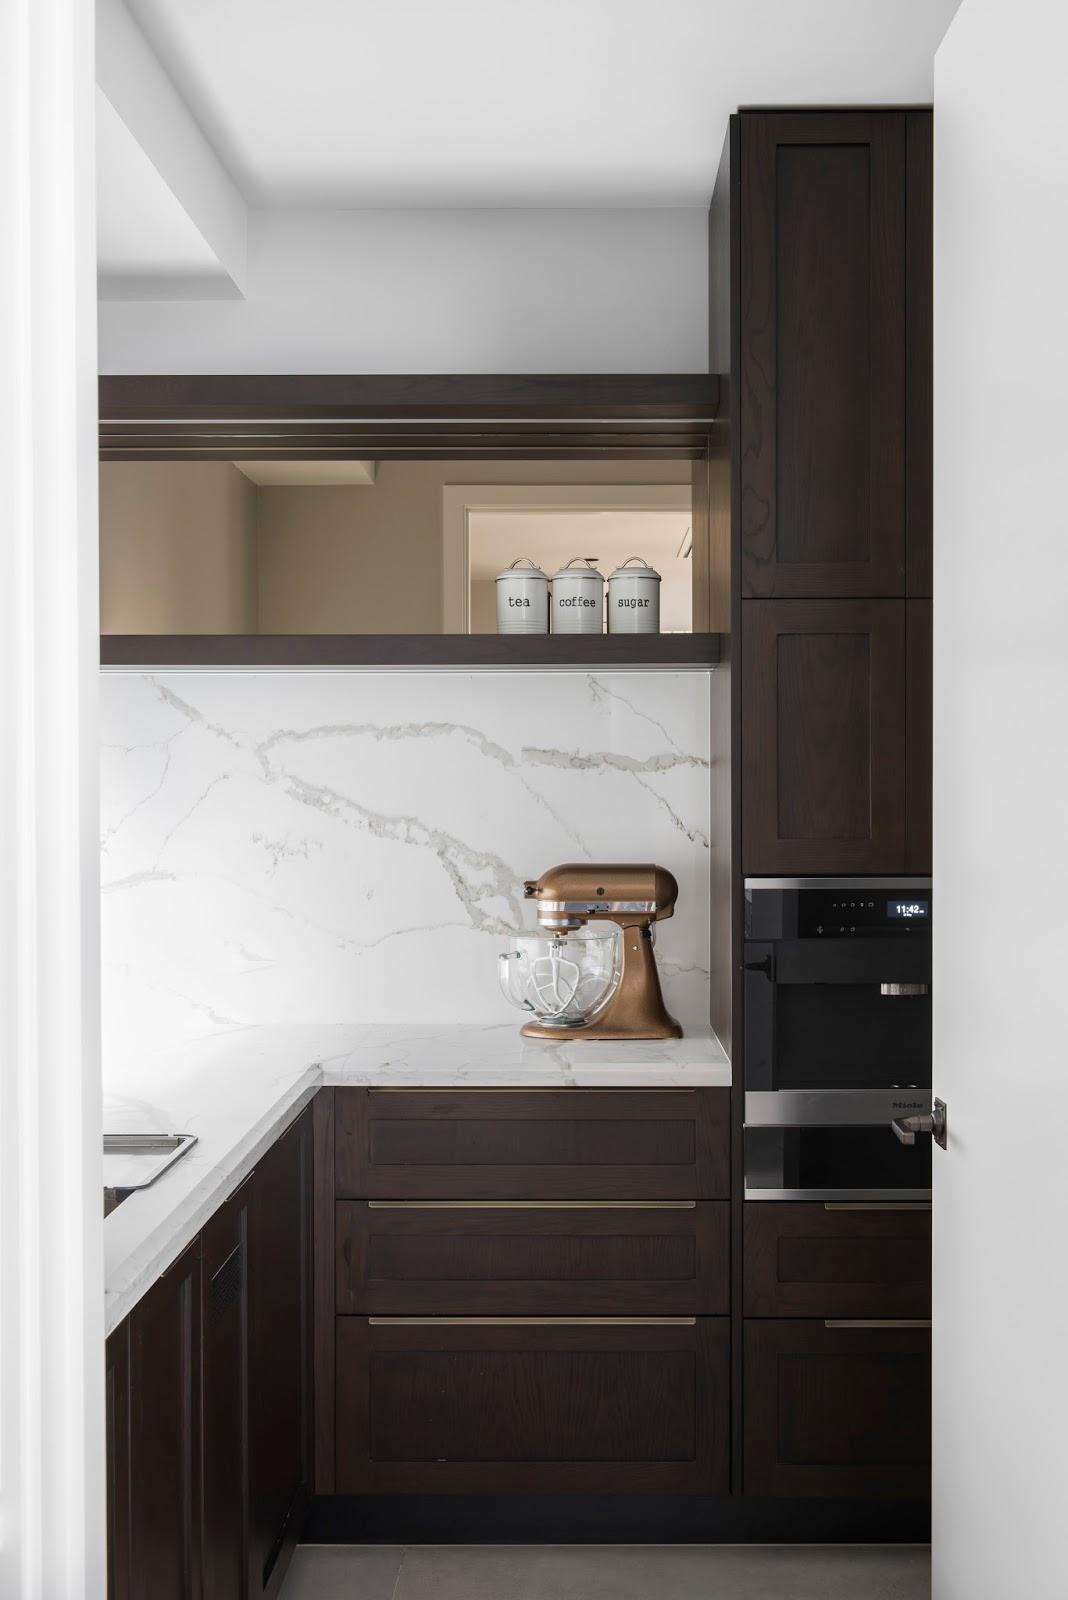 Minosa classic modern kitchen design for Kitchen design brief example